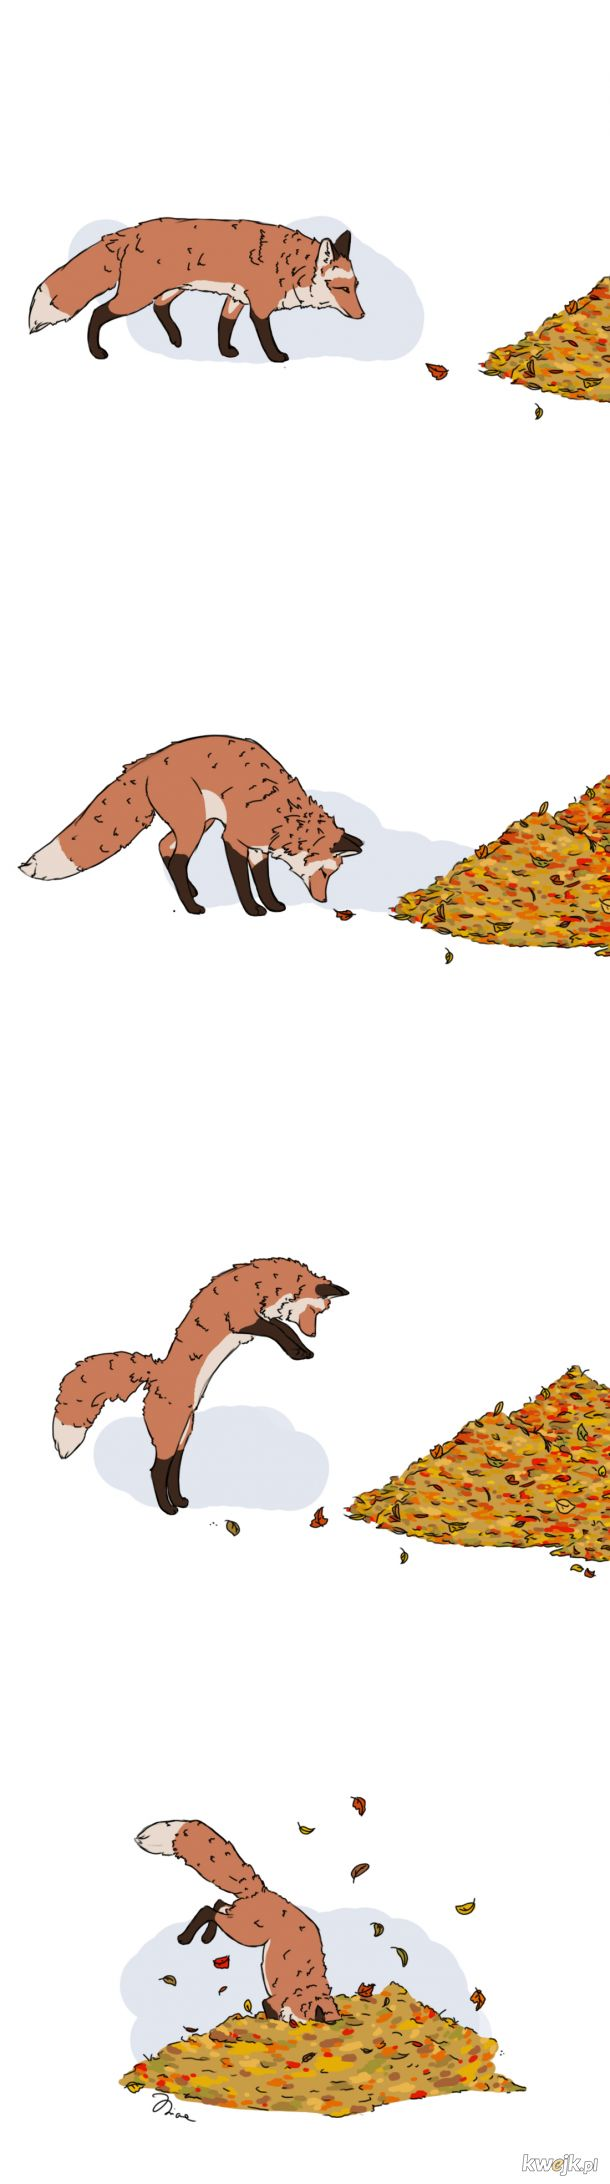 Jesienny liseł